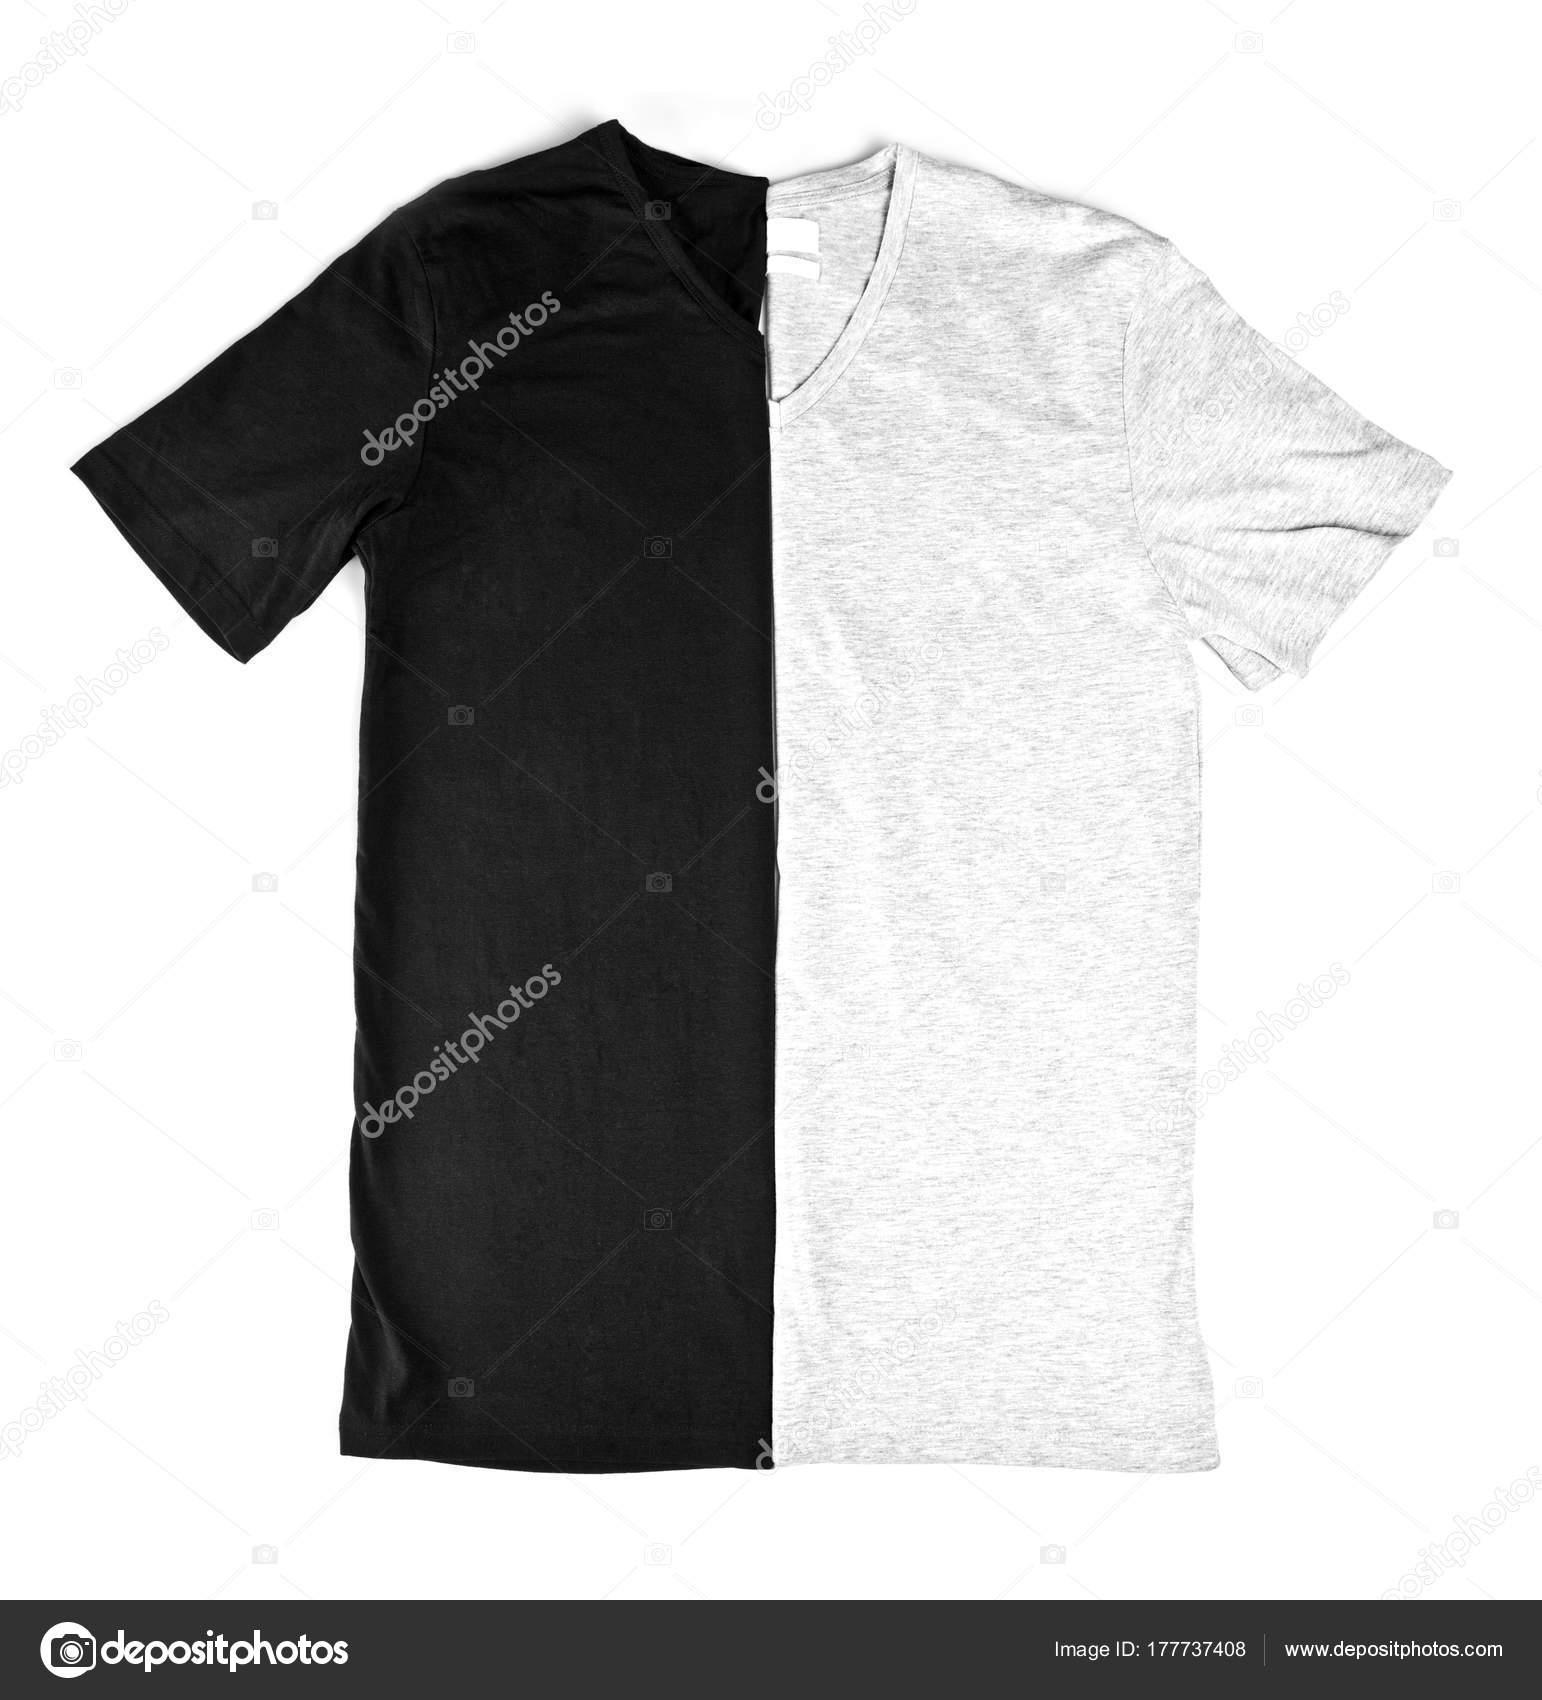 Negro y gris camisetas maqueta 4ac10da4ff1c8